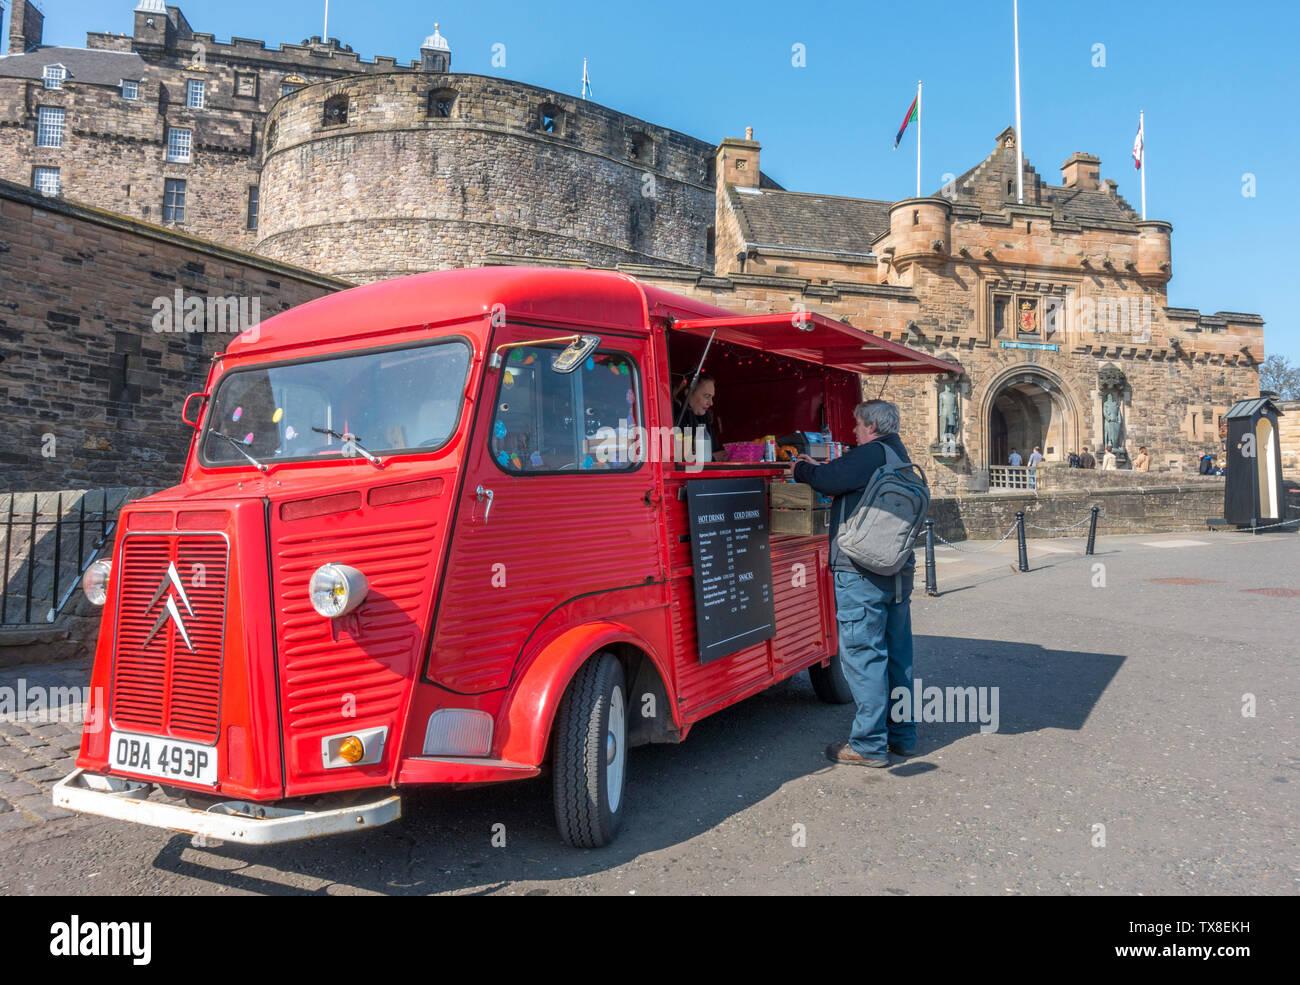 Rojo brillante vintage Citroën H van convierte a una salida de comida y bebida, con un cliente que se sirve, estacionado afuera del Castillo de Edimburgo, Escocia, Reino Unido. Foto de stock